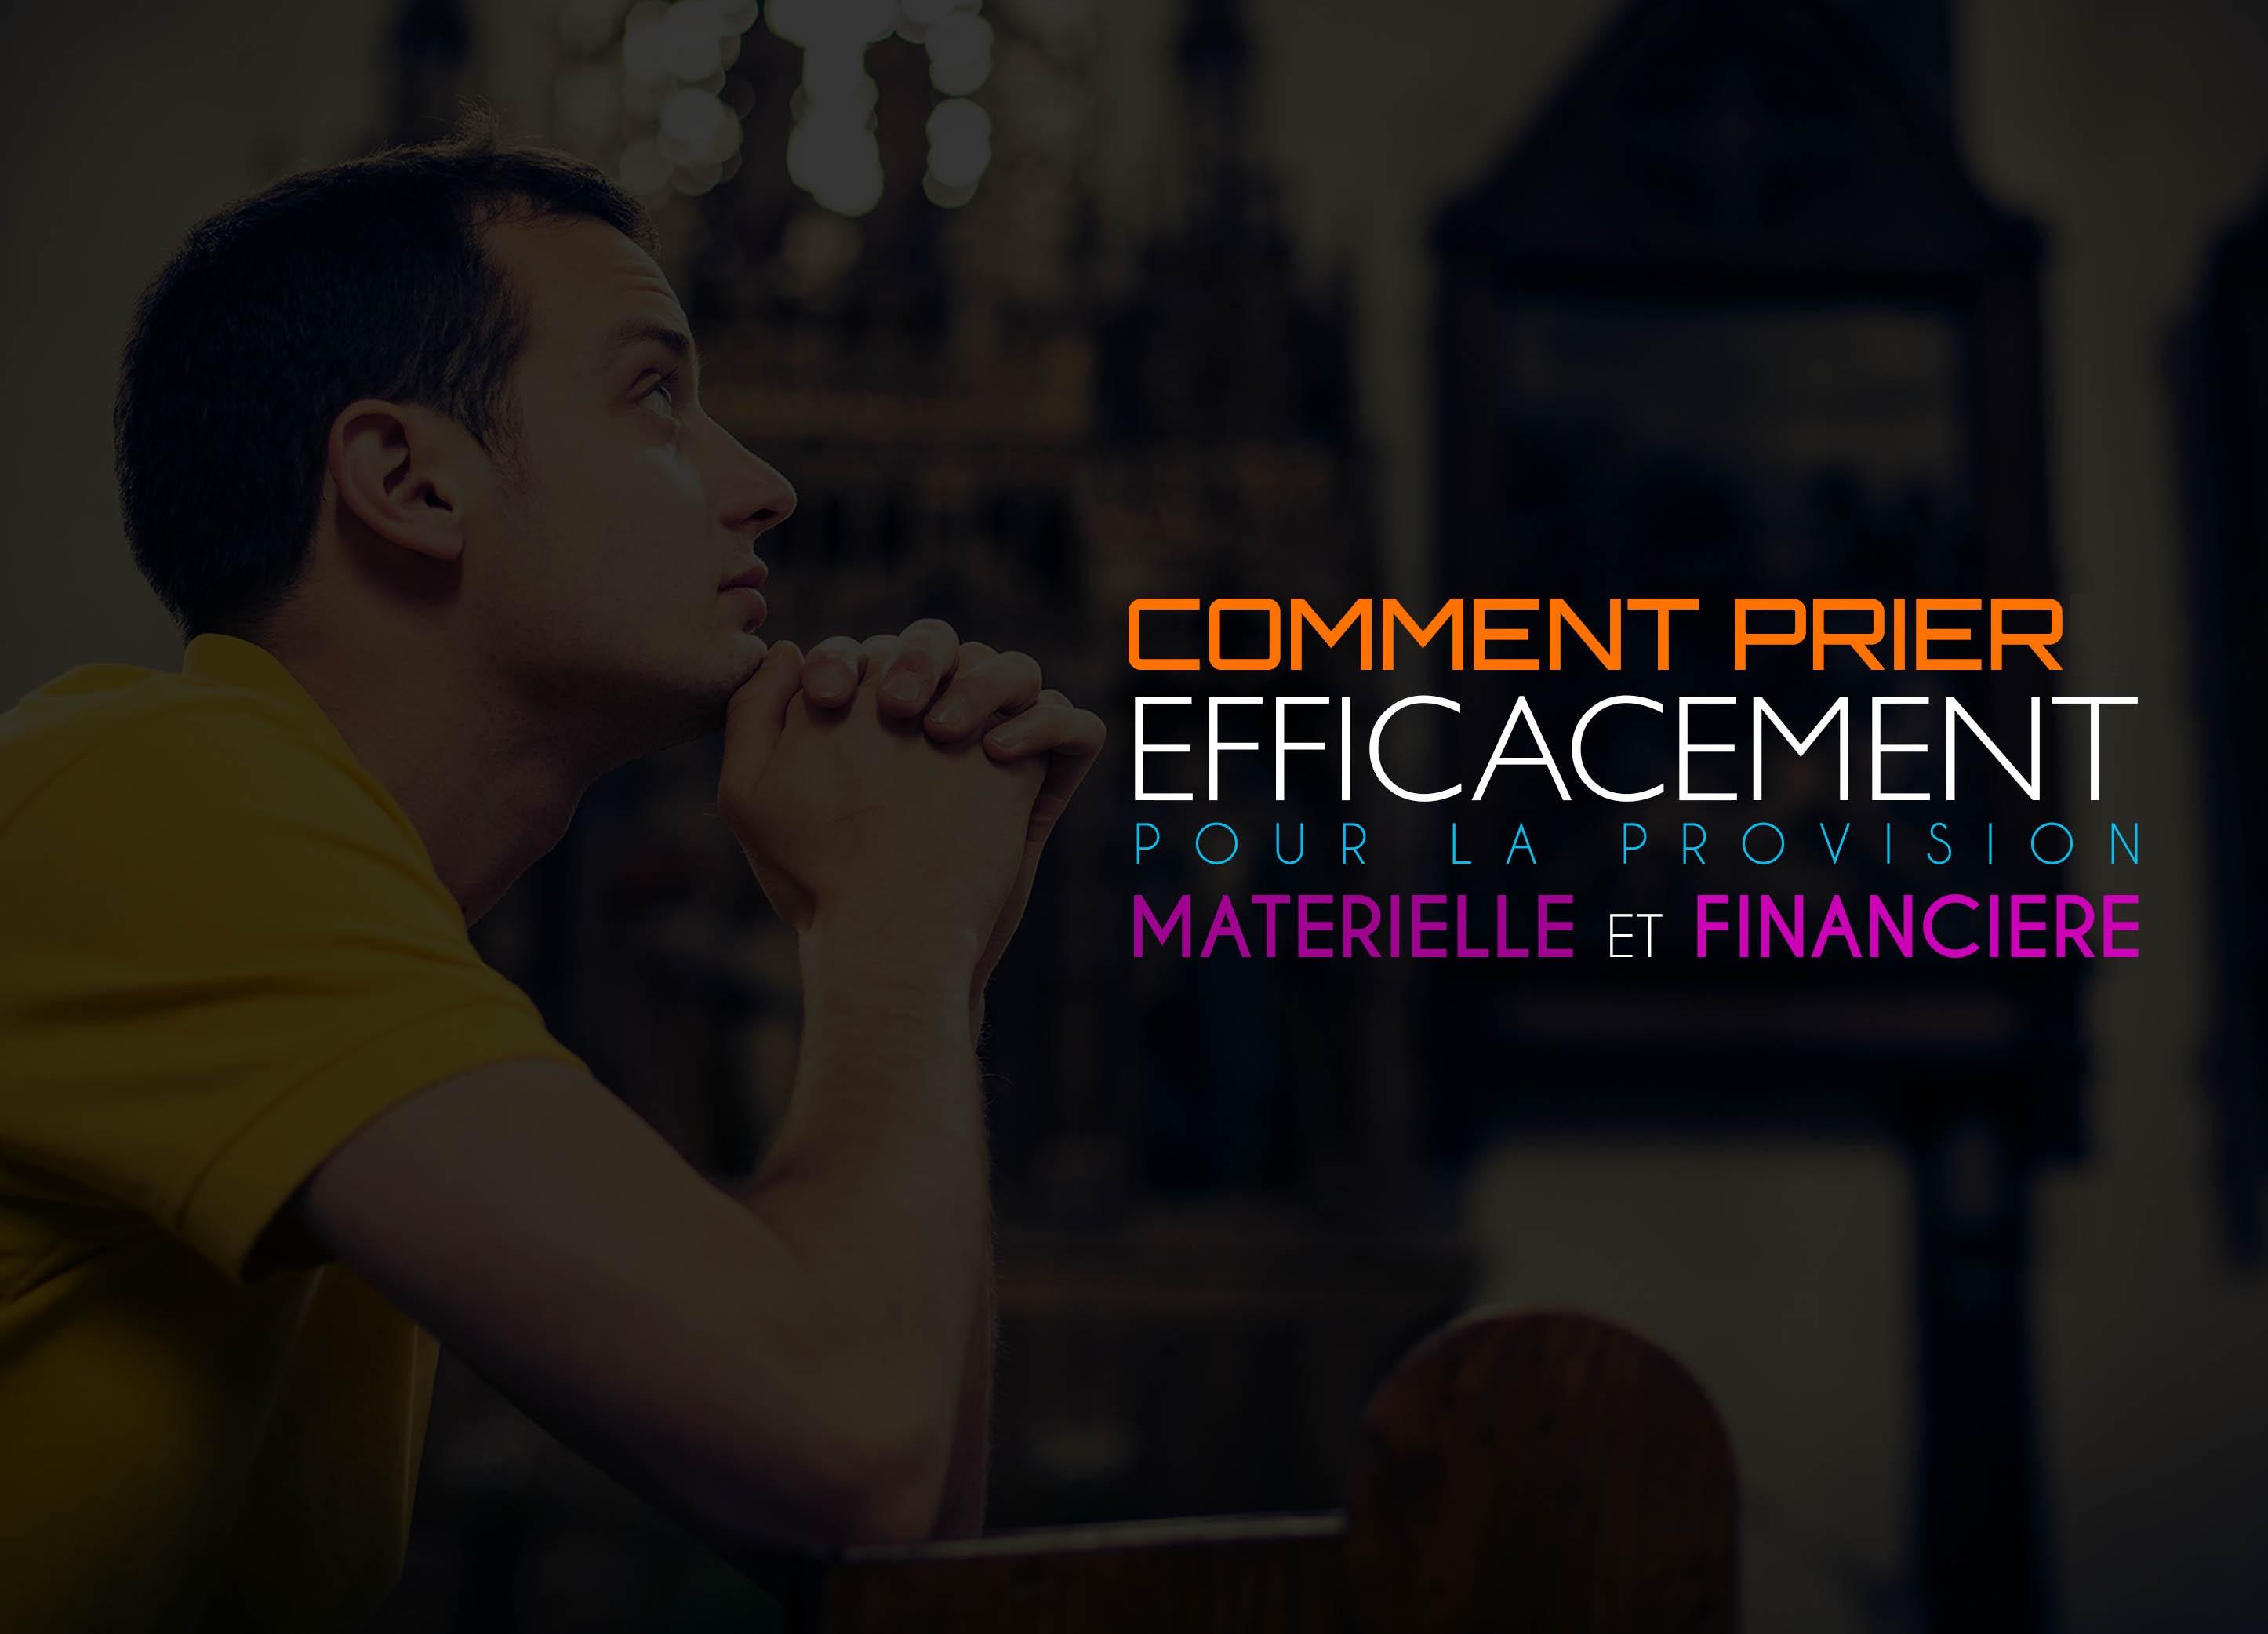 Comment prier efficacement pour la provision matérielle et financière ?